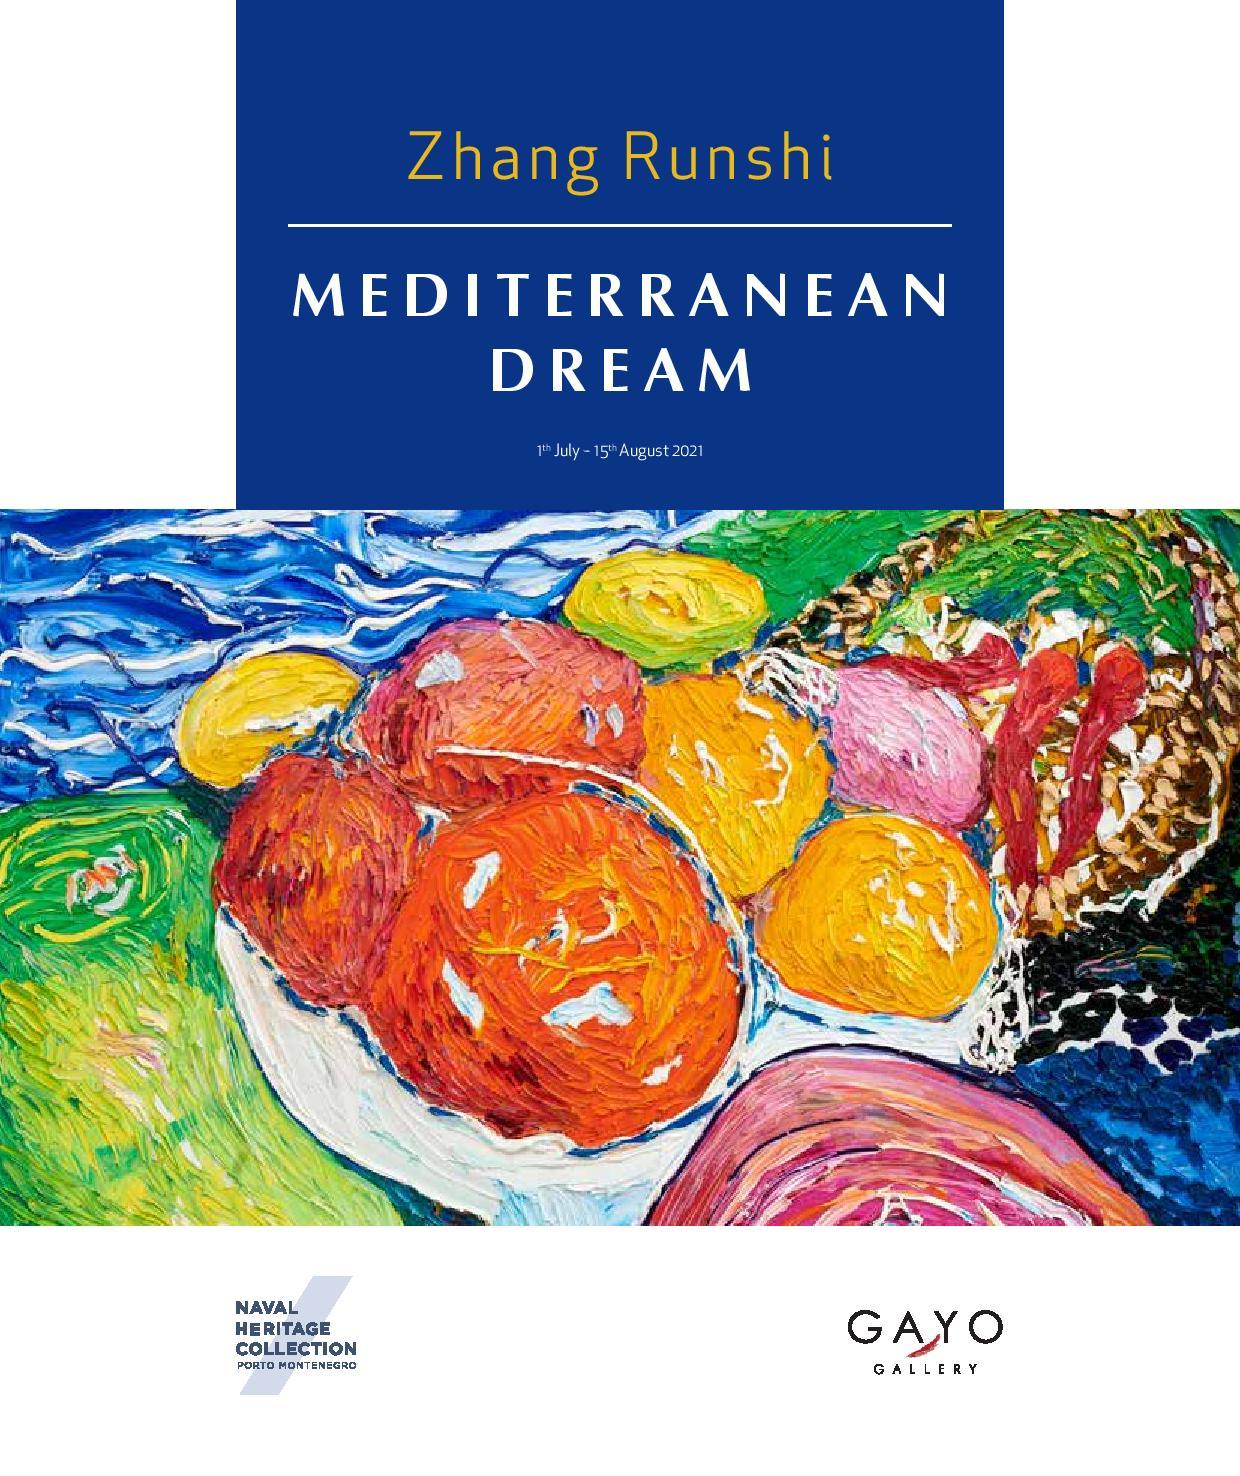 zhang runshi